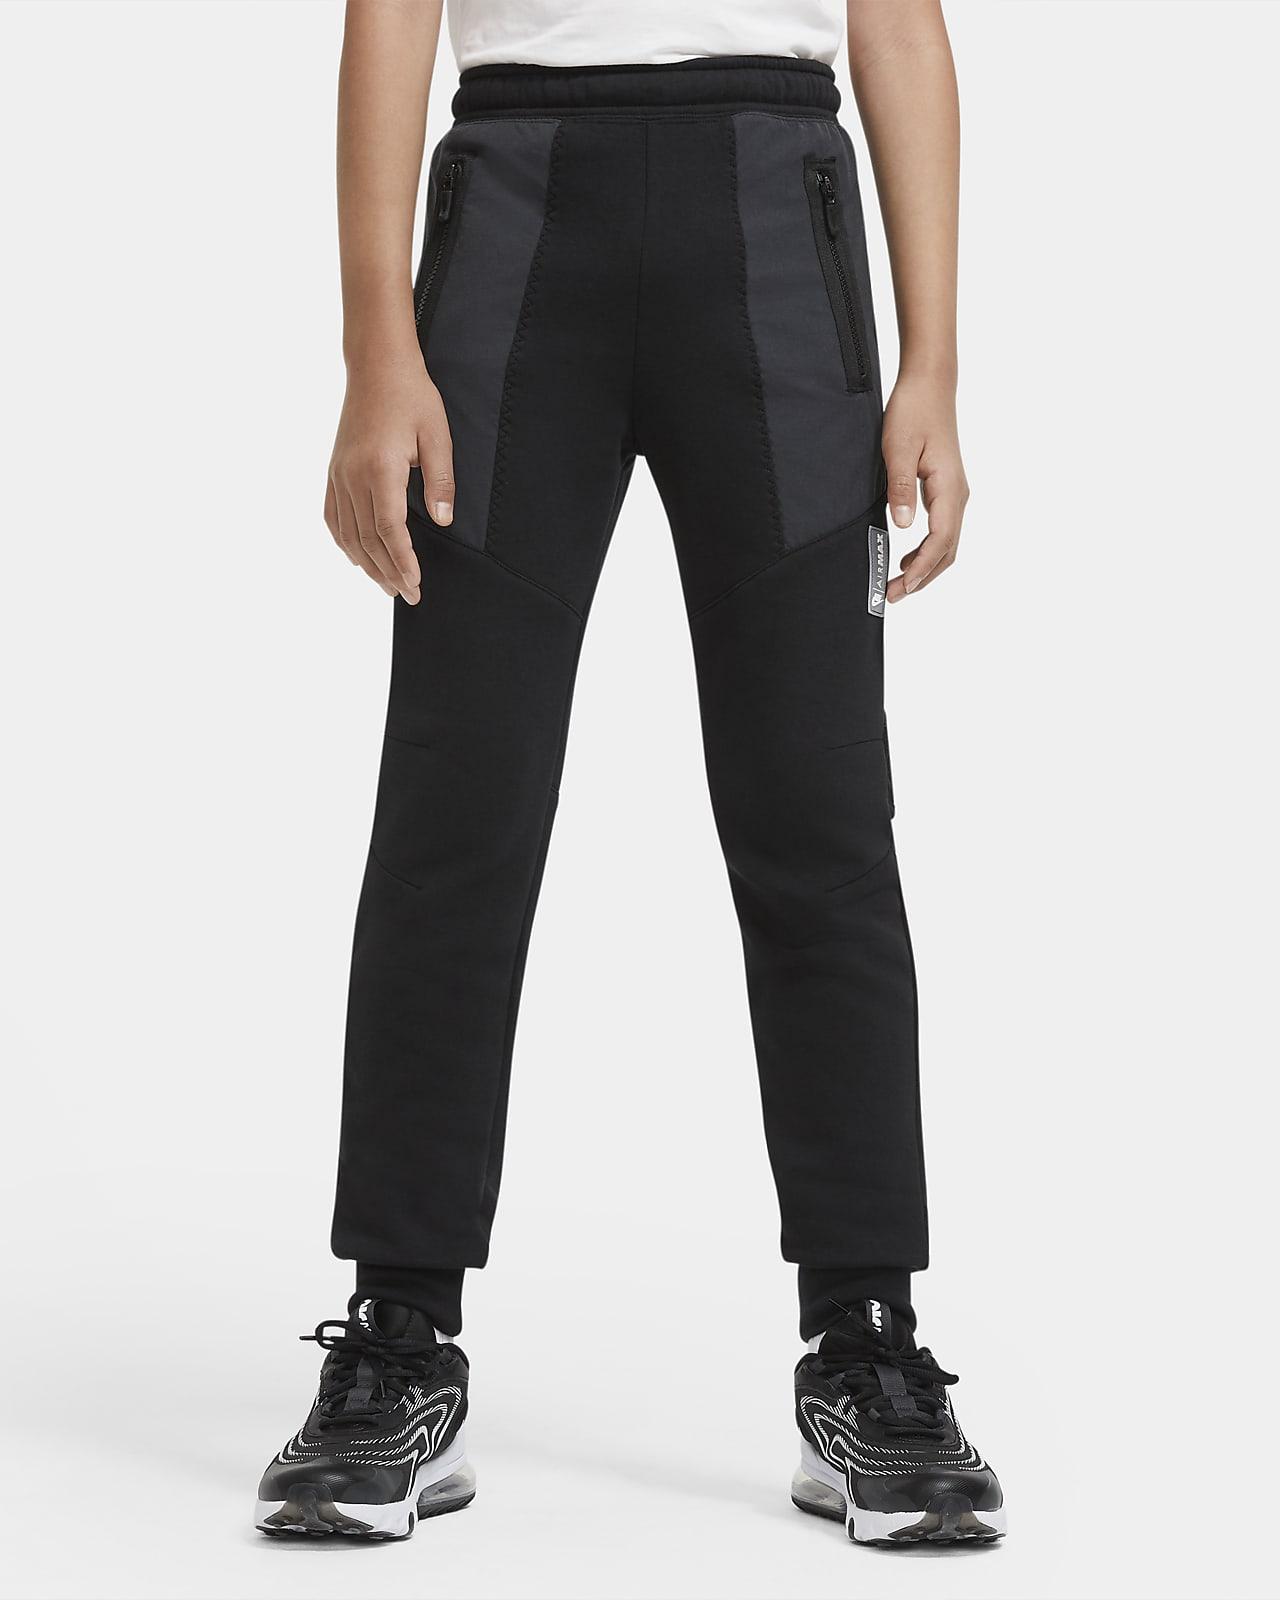 Pantaloni in fleece Nike Sportswear Air Max - Ragazzo